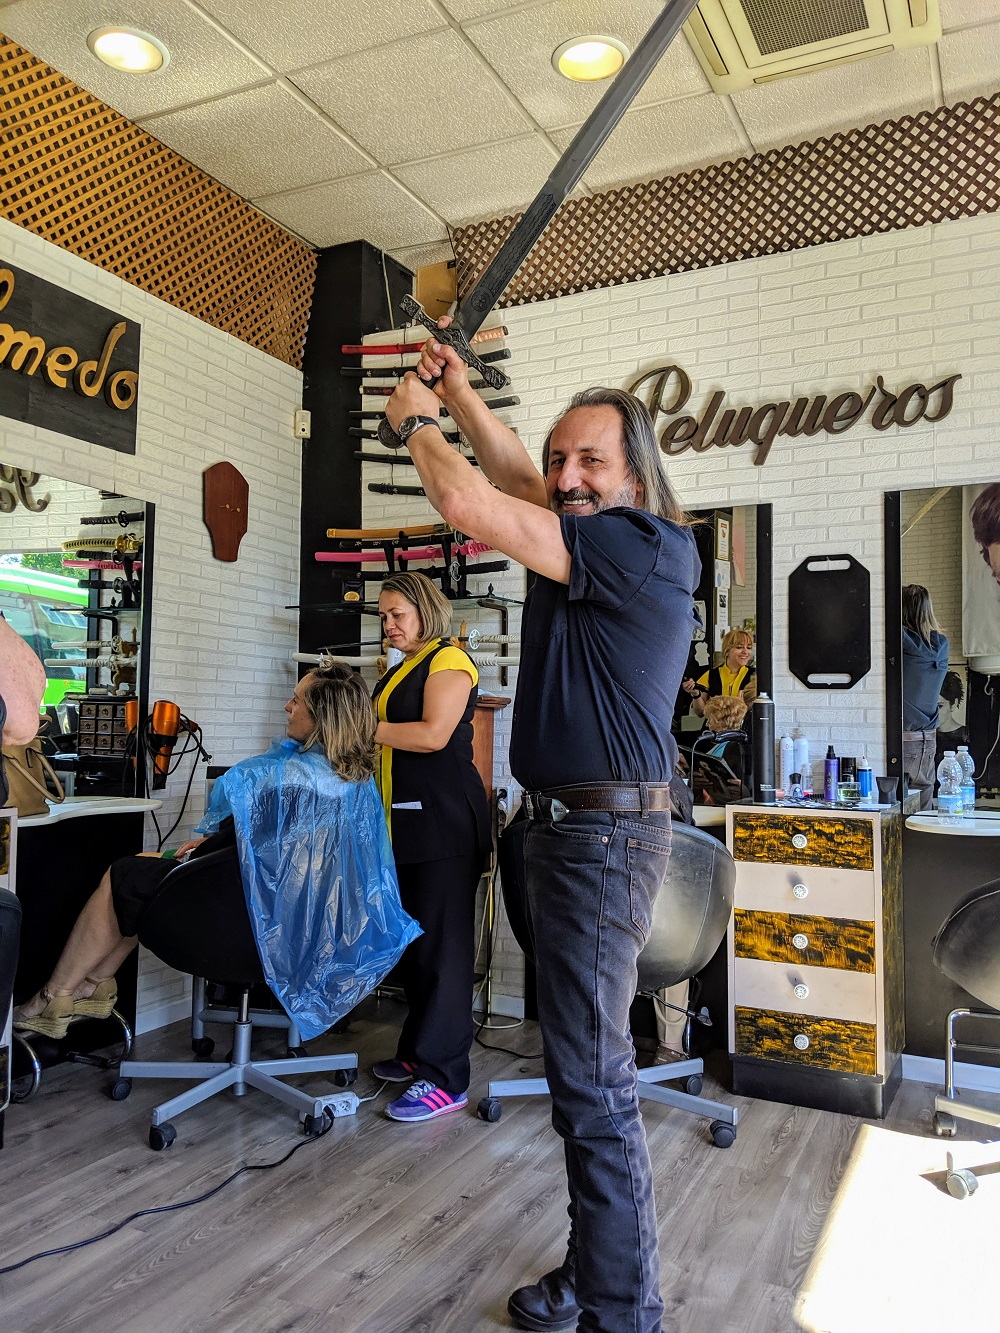 超酷理髮師用「武士雙刀」剪髮大爆紅 技術進化變成「金鋼狼」讓顧客又愛又怕!